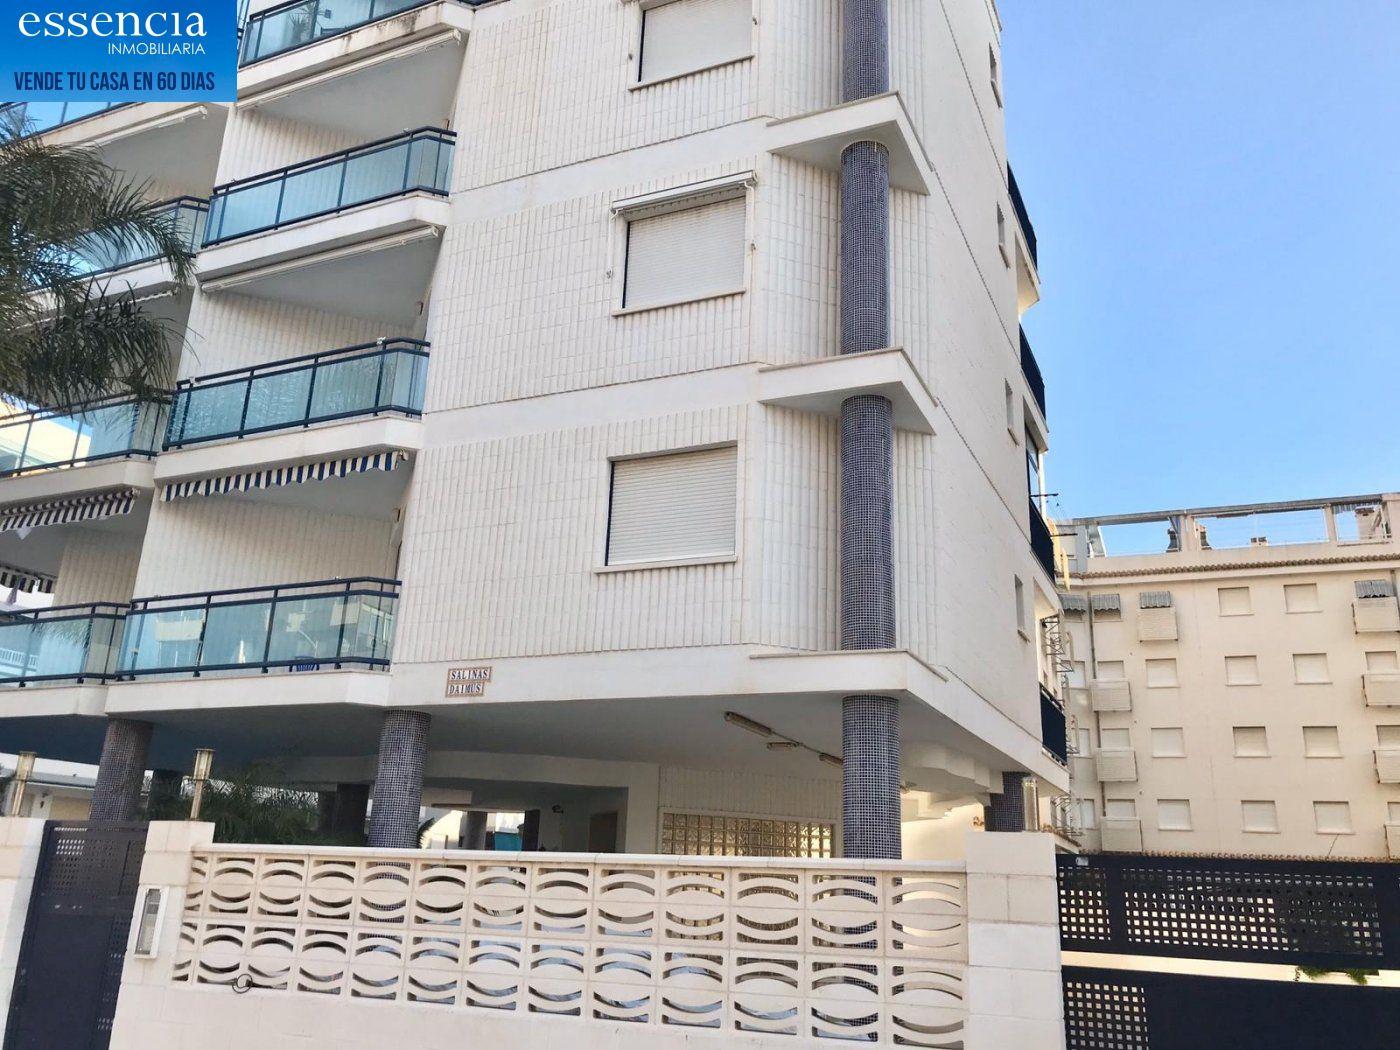 Apartamento de 2 dormitorios y 2 baños con salón con balcón. - imagenInmueble15